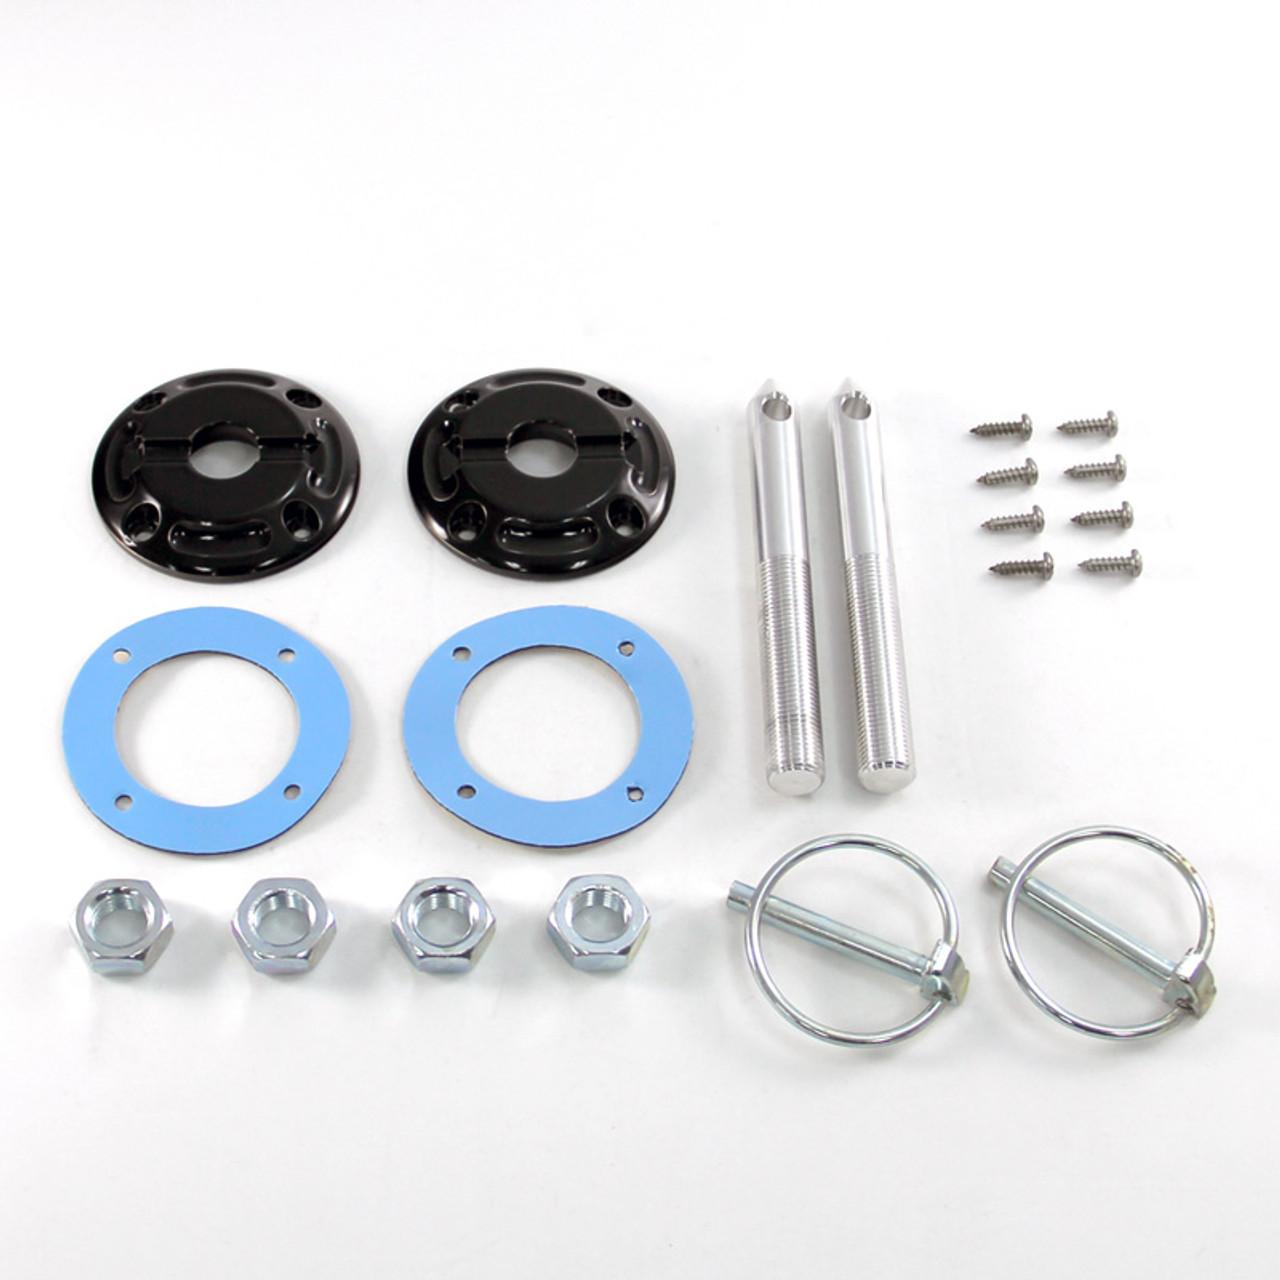 2005-2009 Mustang GT /& V6 Billet Aluminum Complete Hood Pin Pins Kit